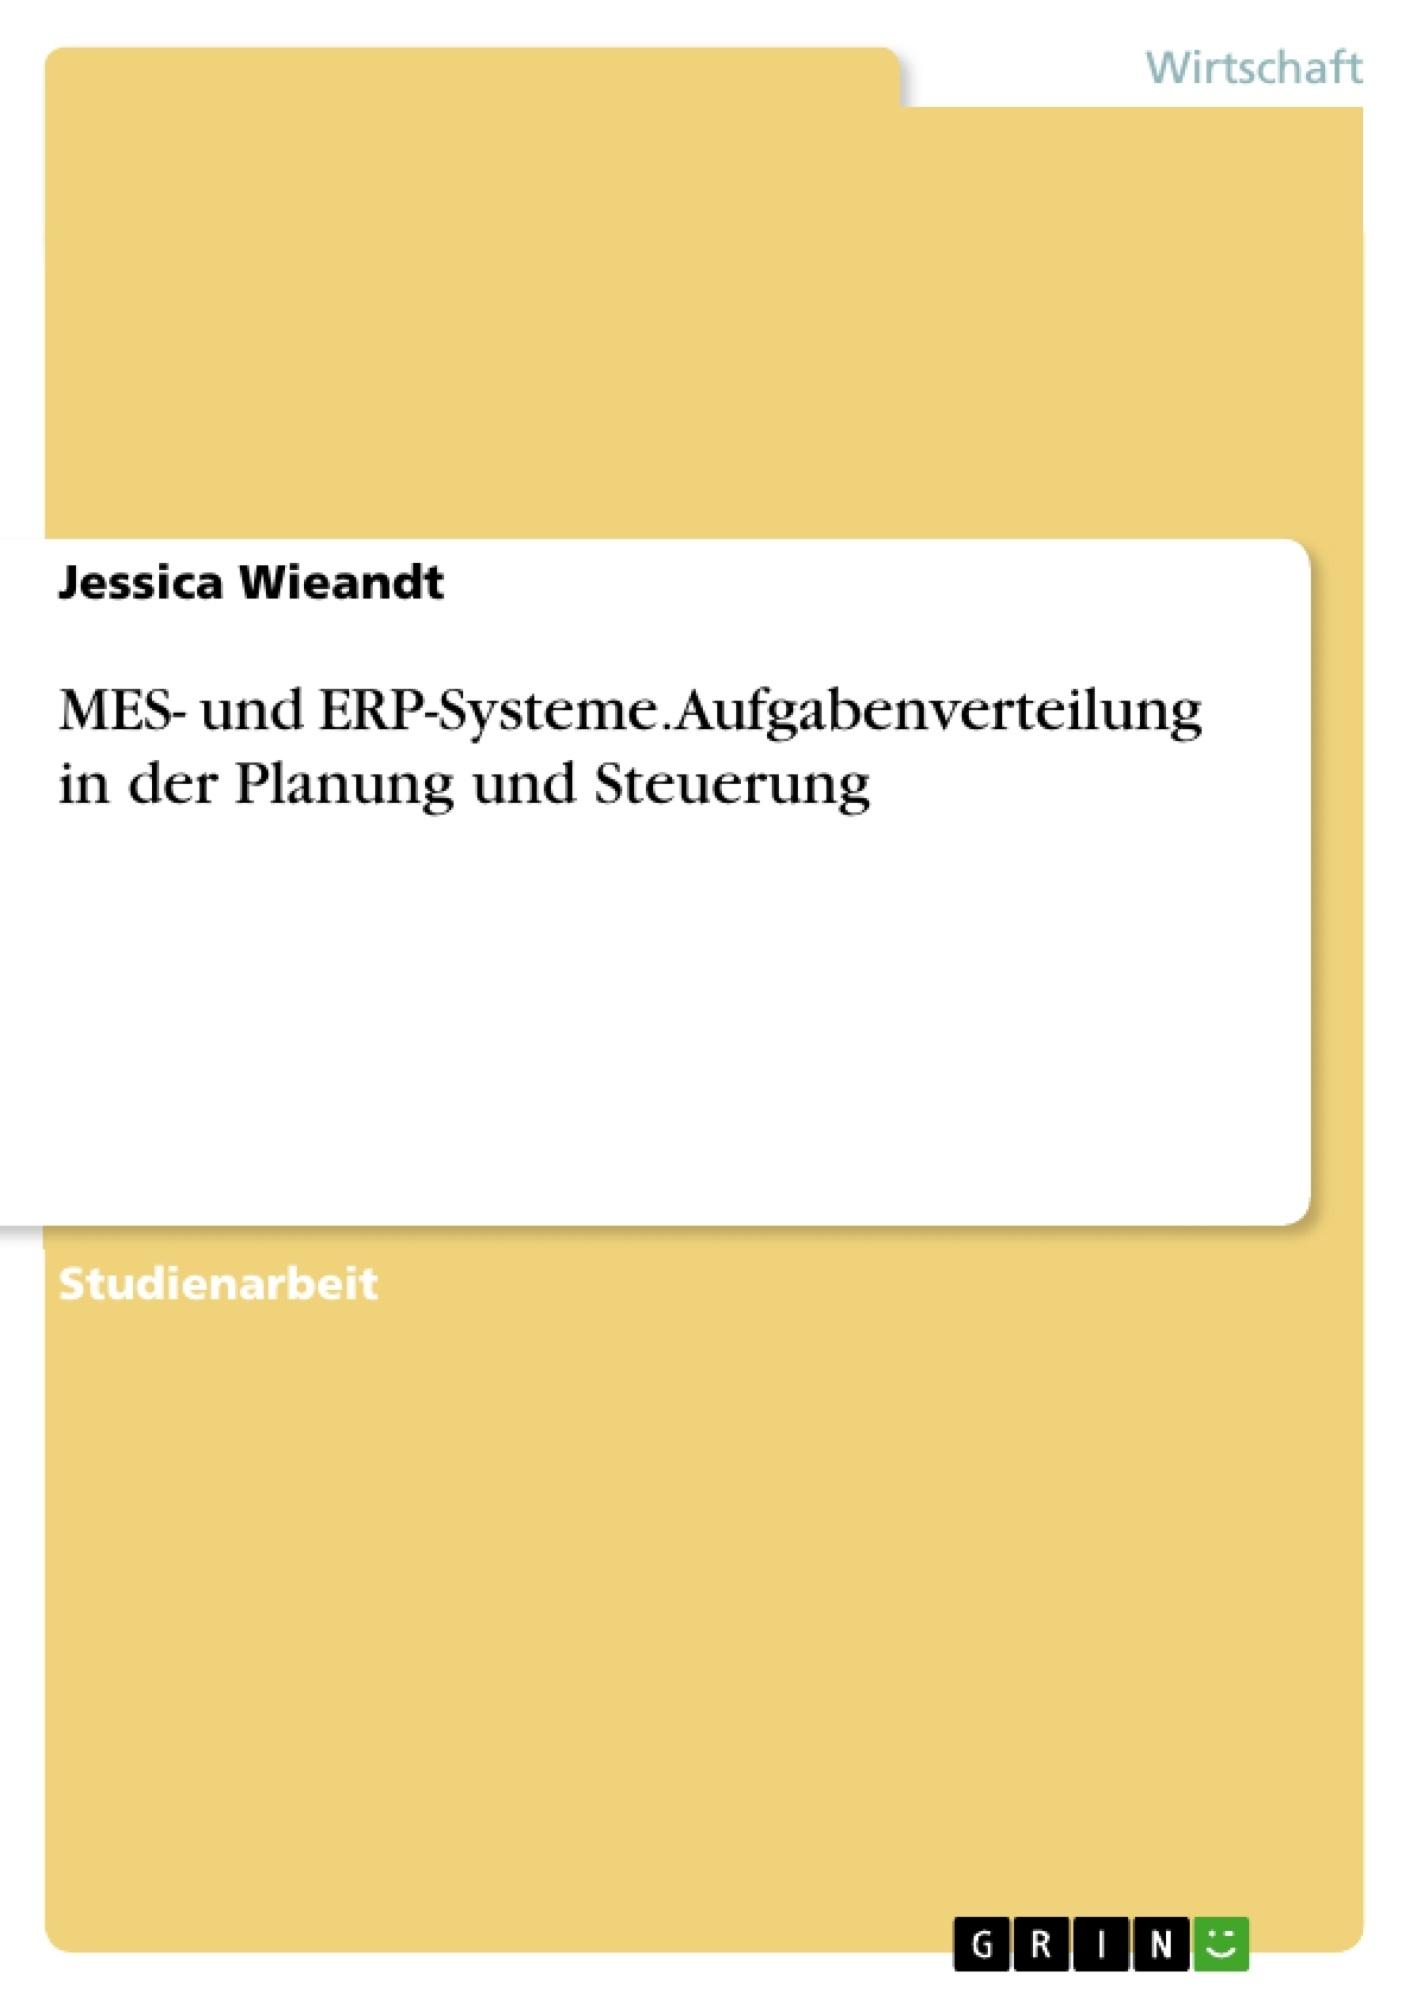 Titel: MES- und ERP-Systeme. Aufgabenverteilung in der Planung und Steuerung